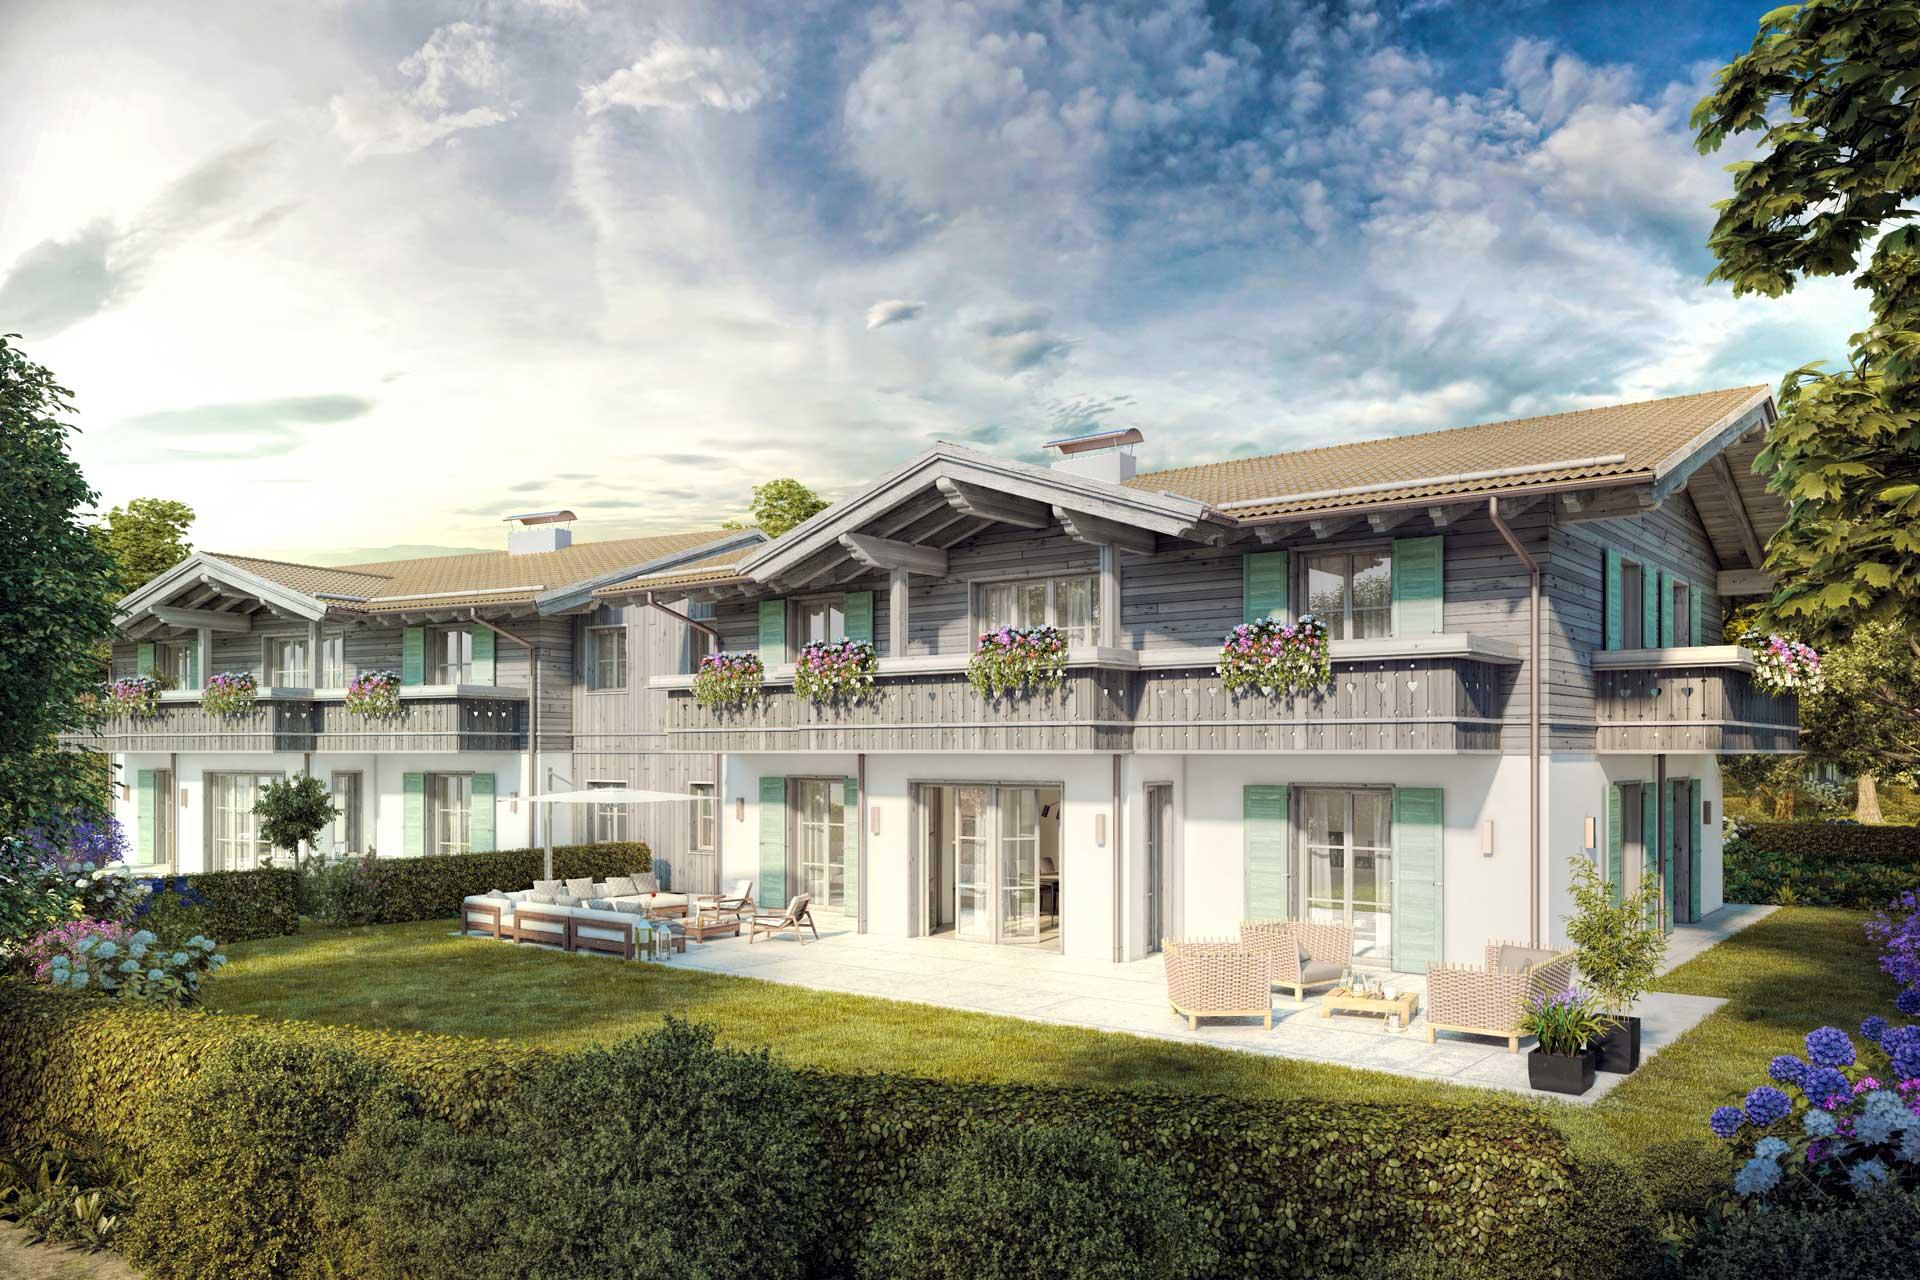 Wohnungen am Tegernsee - Villa Hirschberg